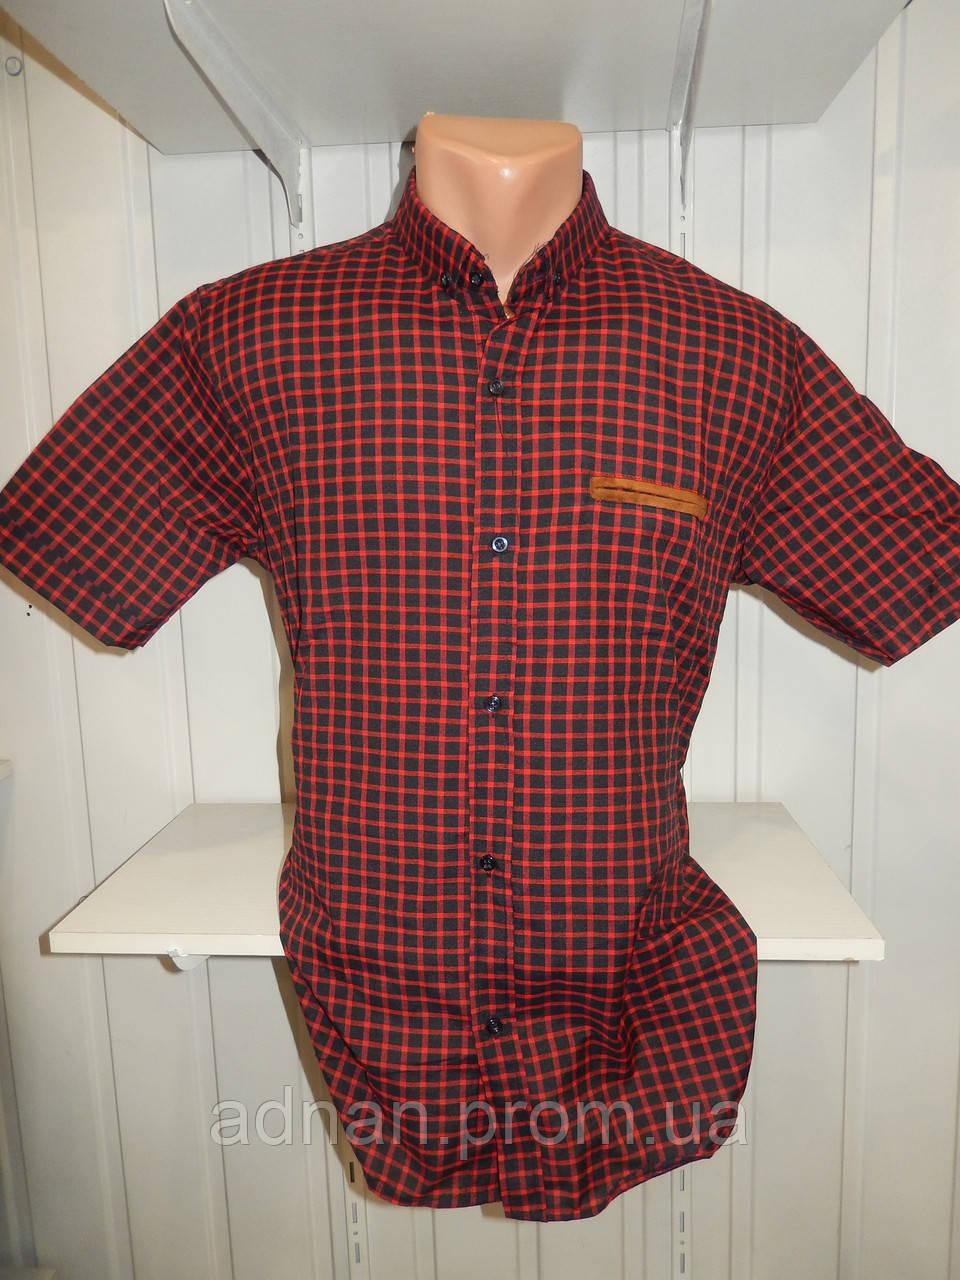 Сорочка чоловіча CORM короткий рукав, напів батал середня клітина 003 \ купити сорочку Склад 7 км